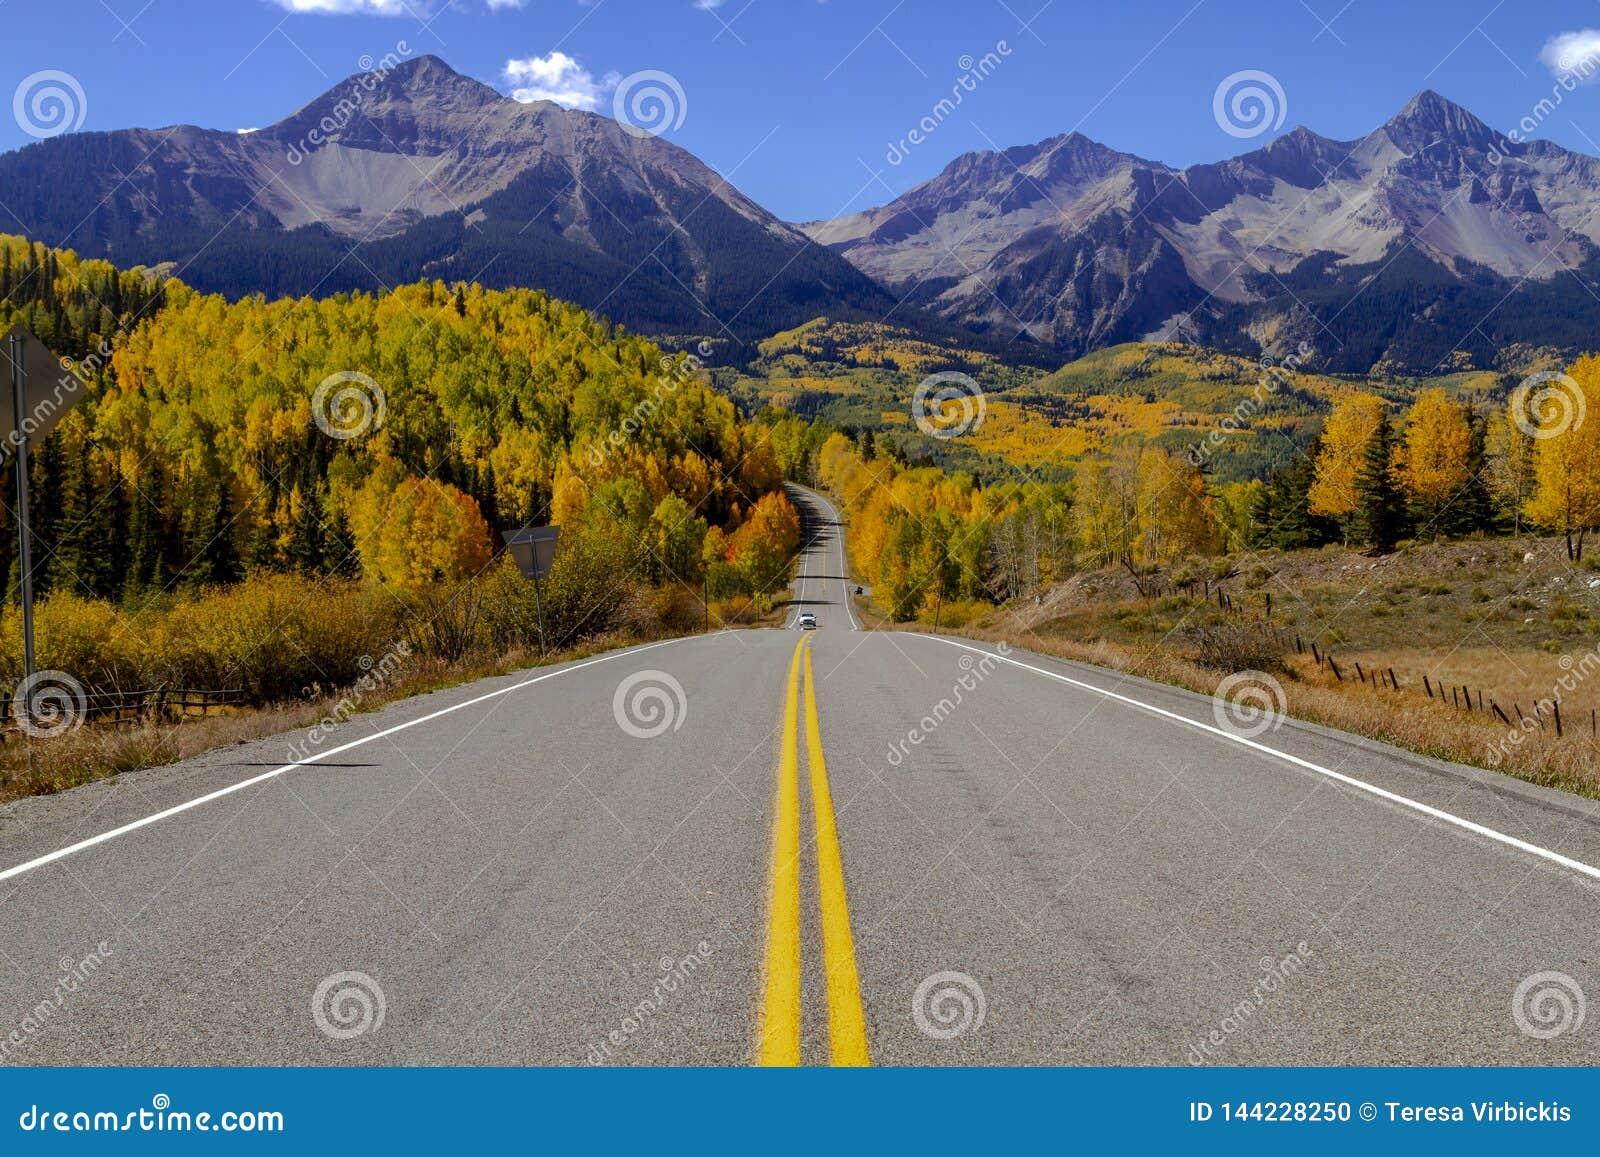 Χρώμα φθινοπώρου στο San Juan και τα δύσκολα βουνά του Κολοράντο